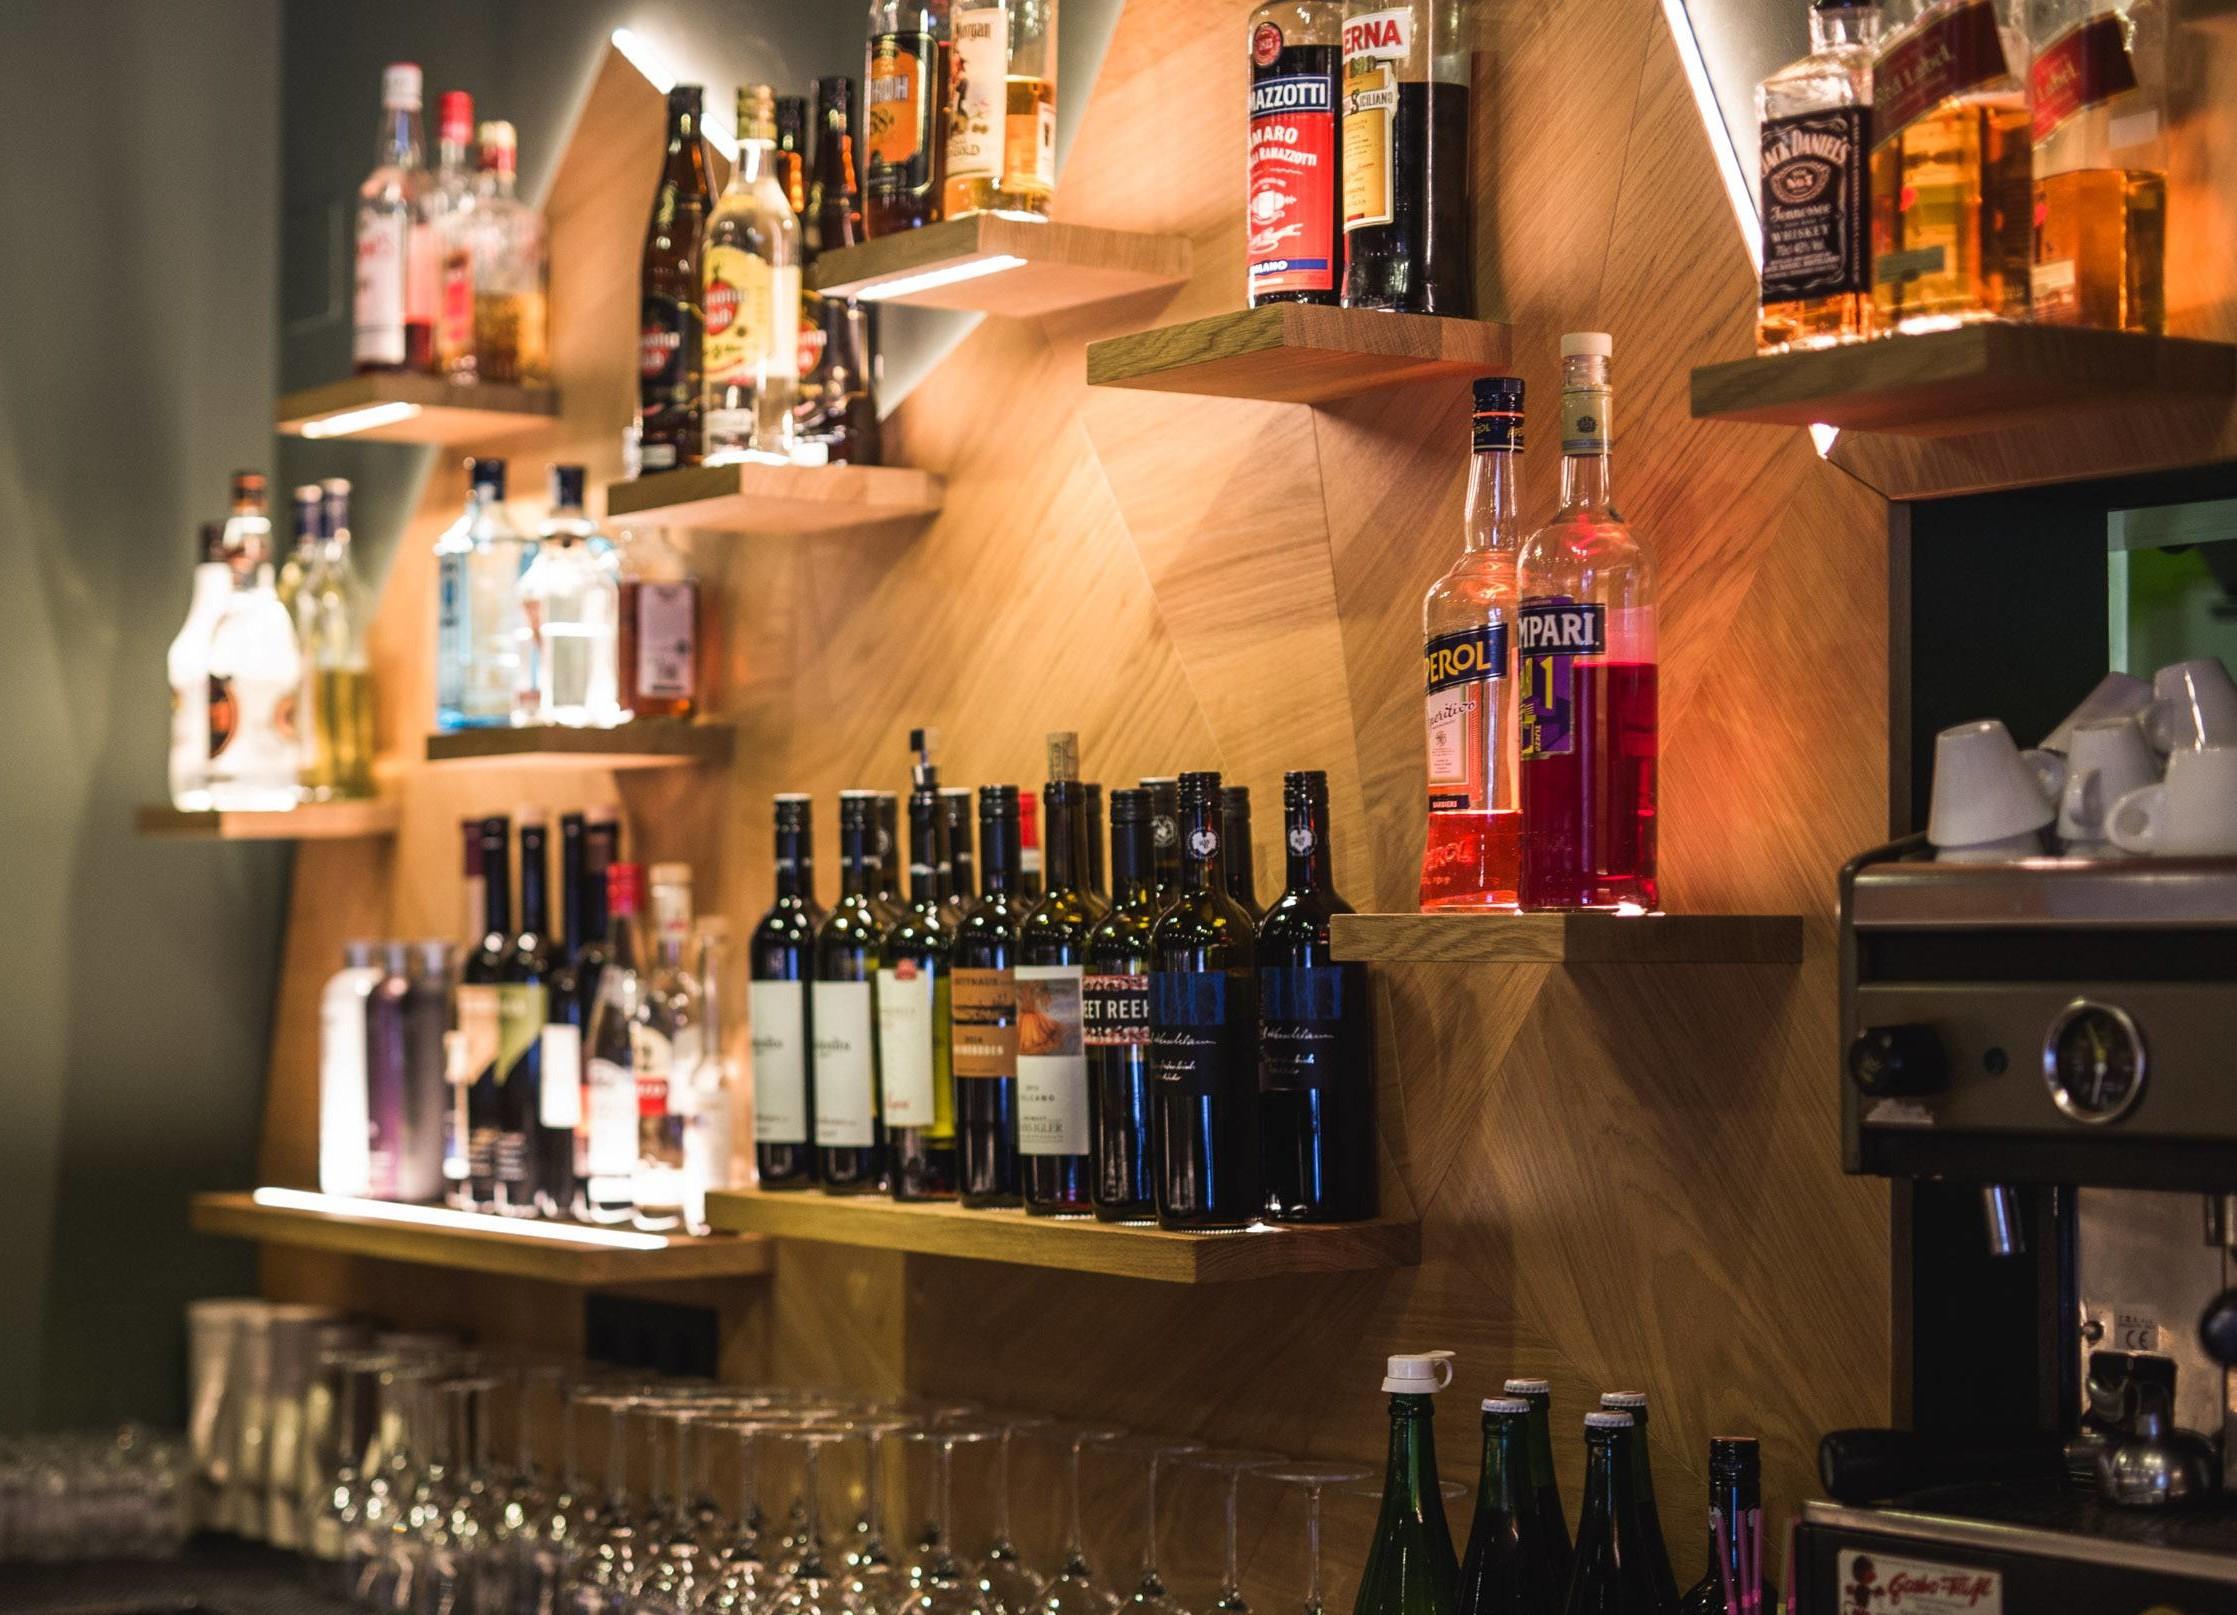 Detailansicht der Bar im Gasthaus in Ebenau, Salzburg Umgebung